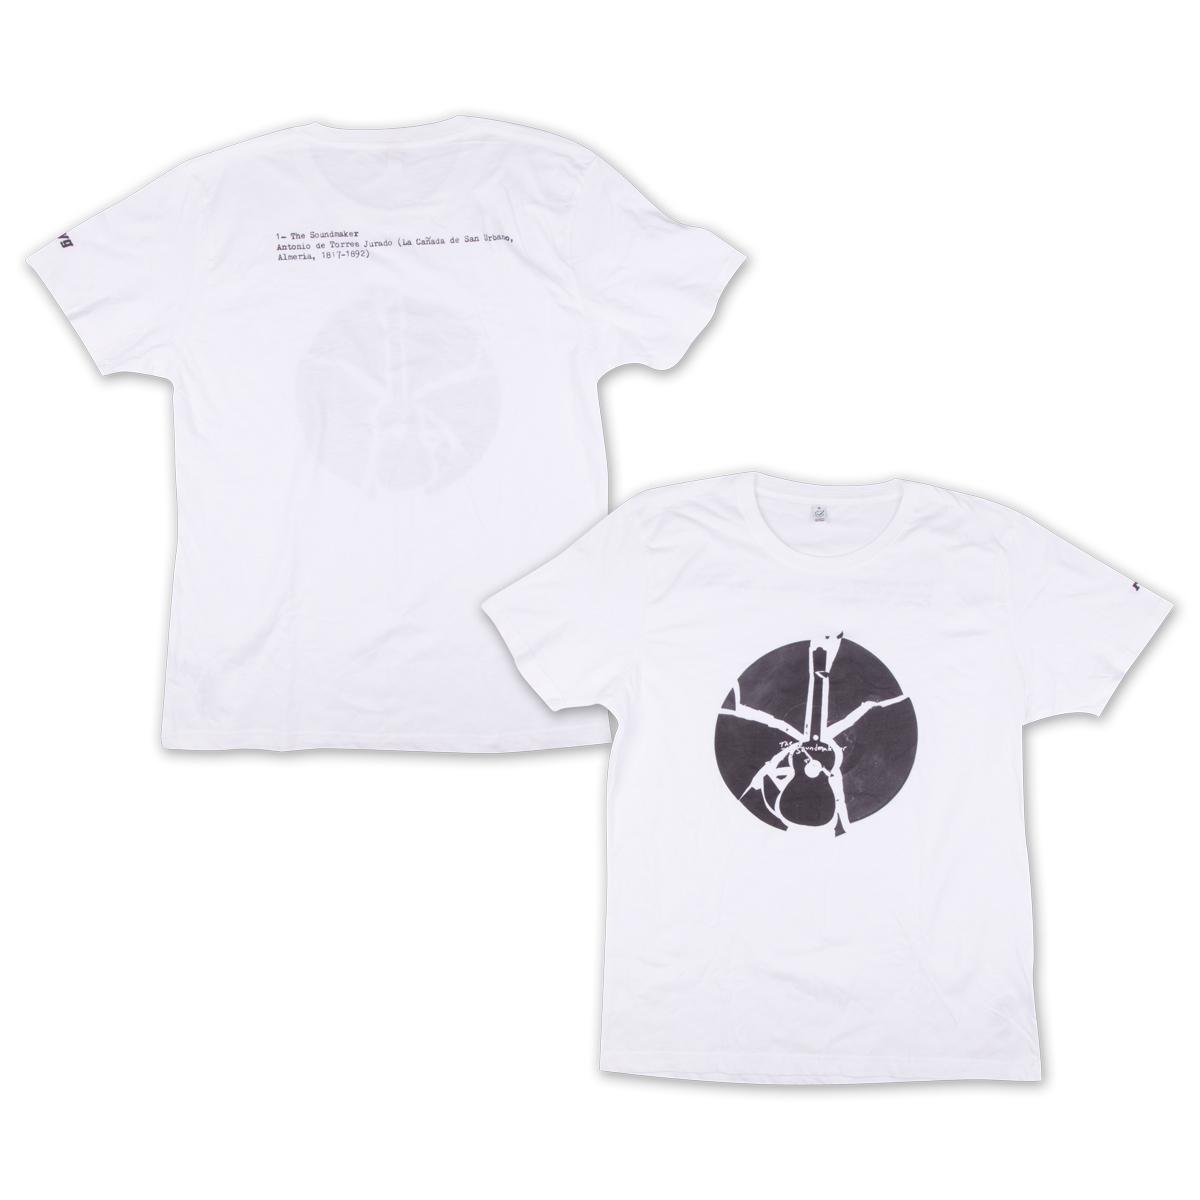 Rodrigo Y Gabriela Soundmaker T Shirt Shop The